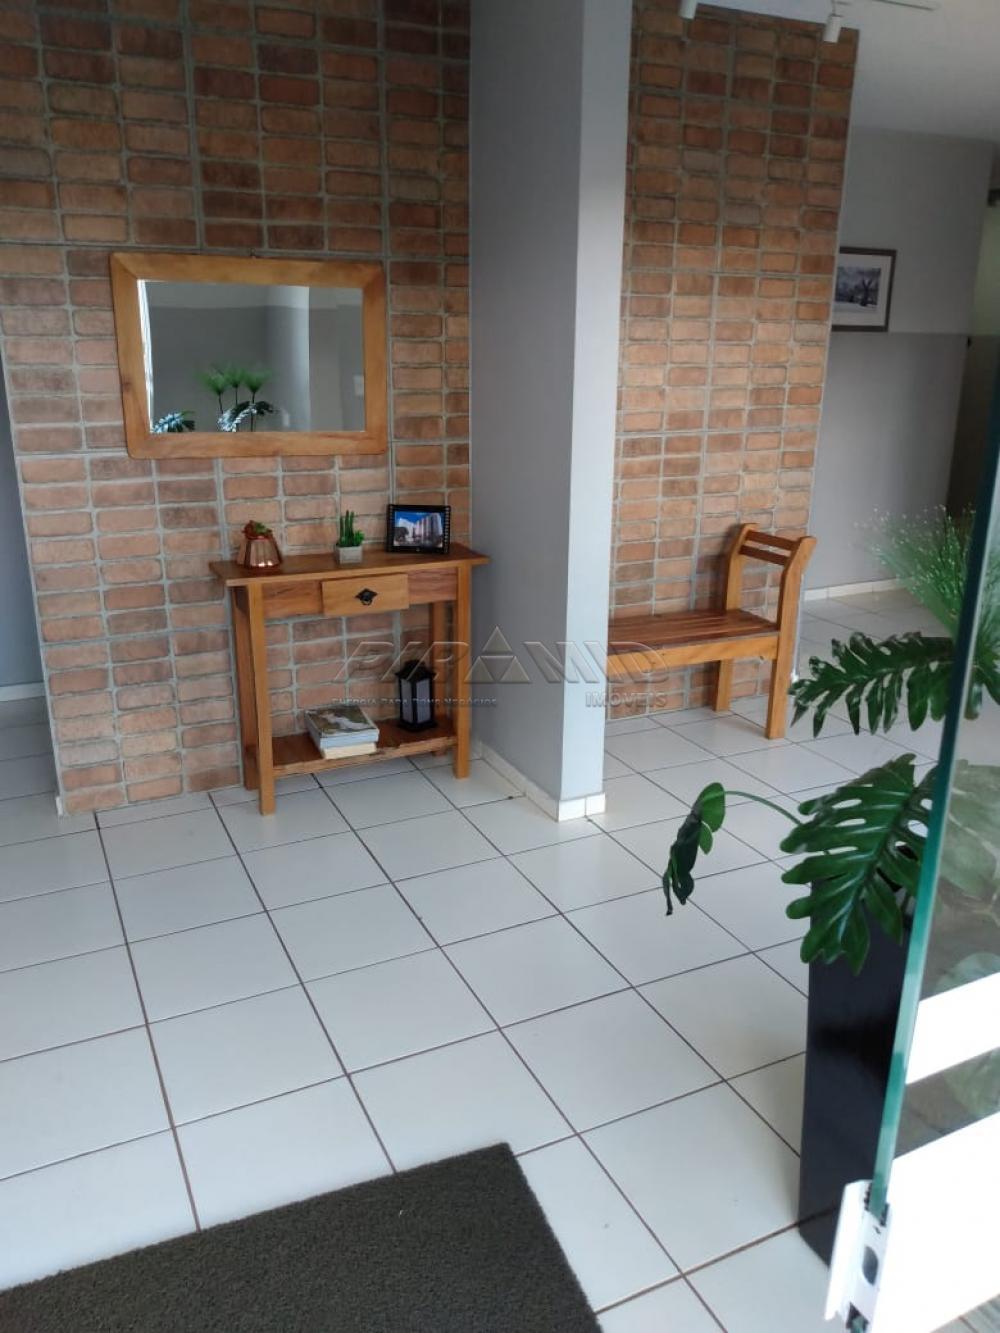 Comprar Apartamento / Padrão em Ribeirão Preto R$ 180.000,00 - Foto 20